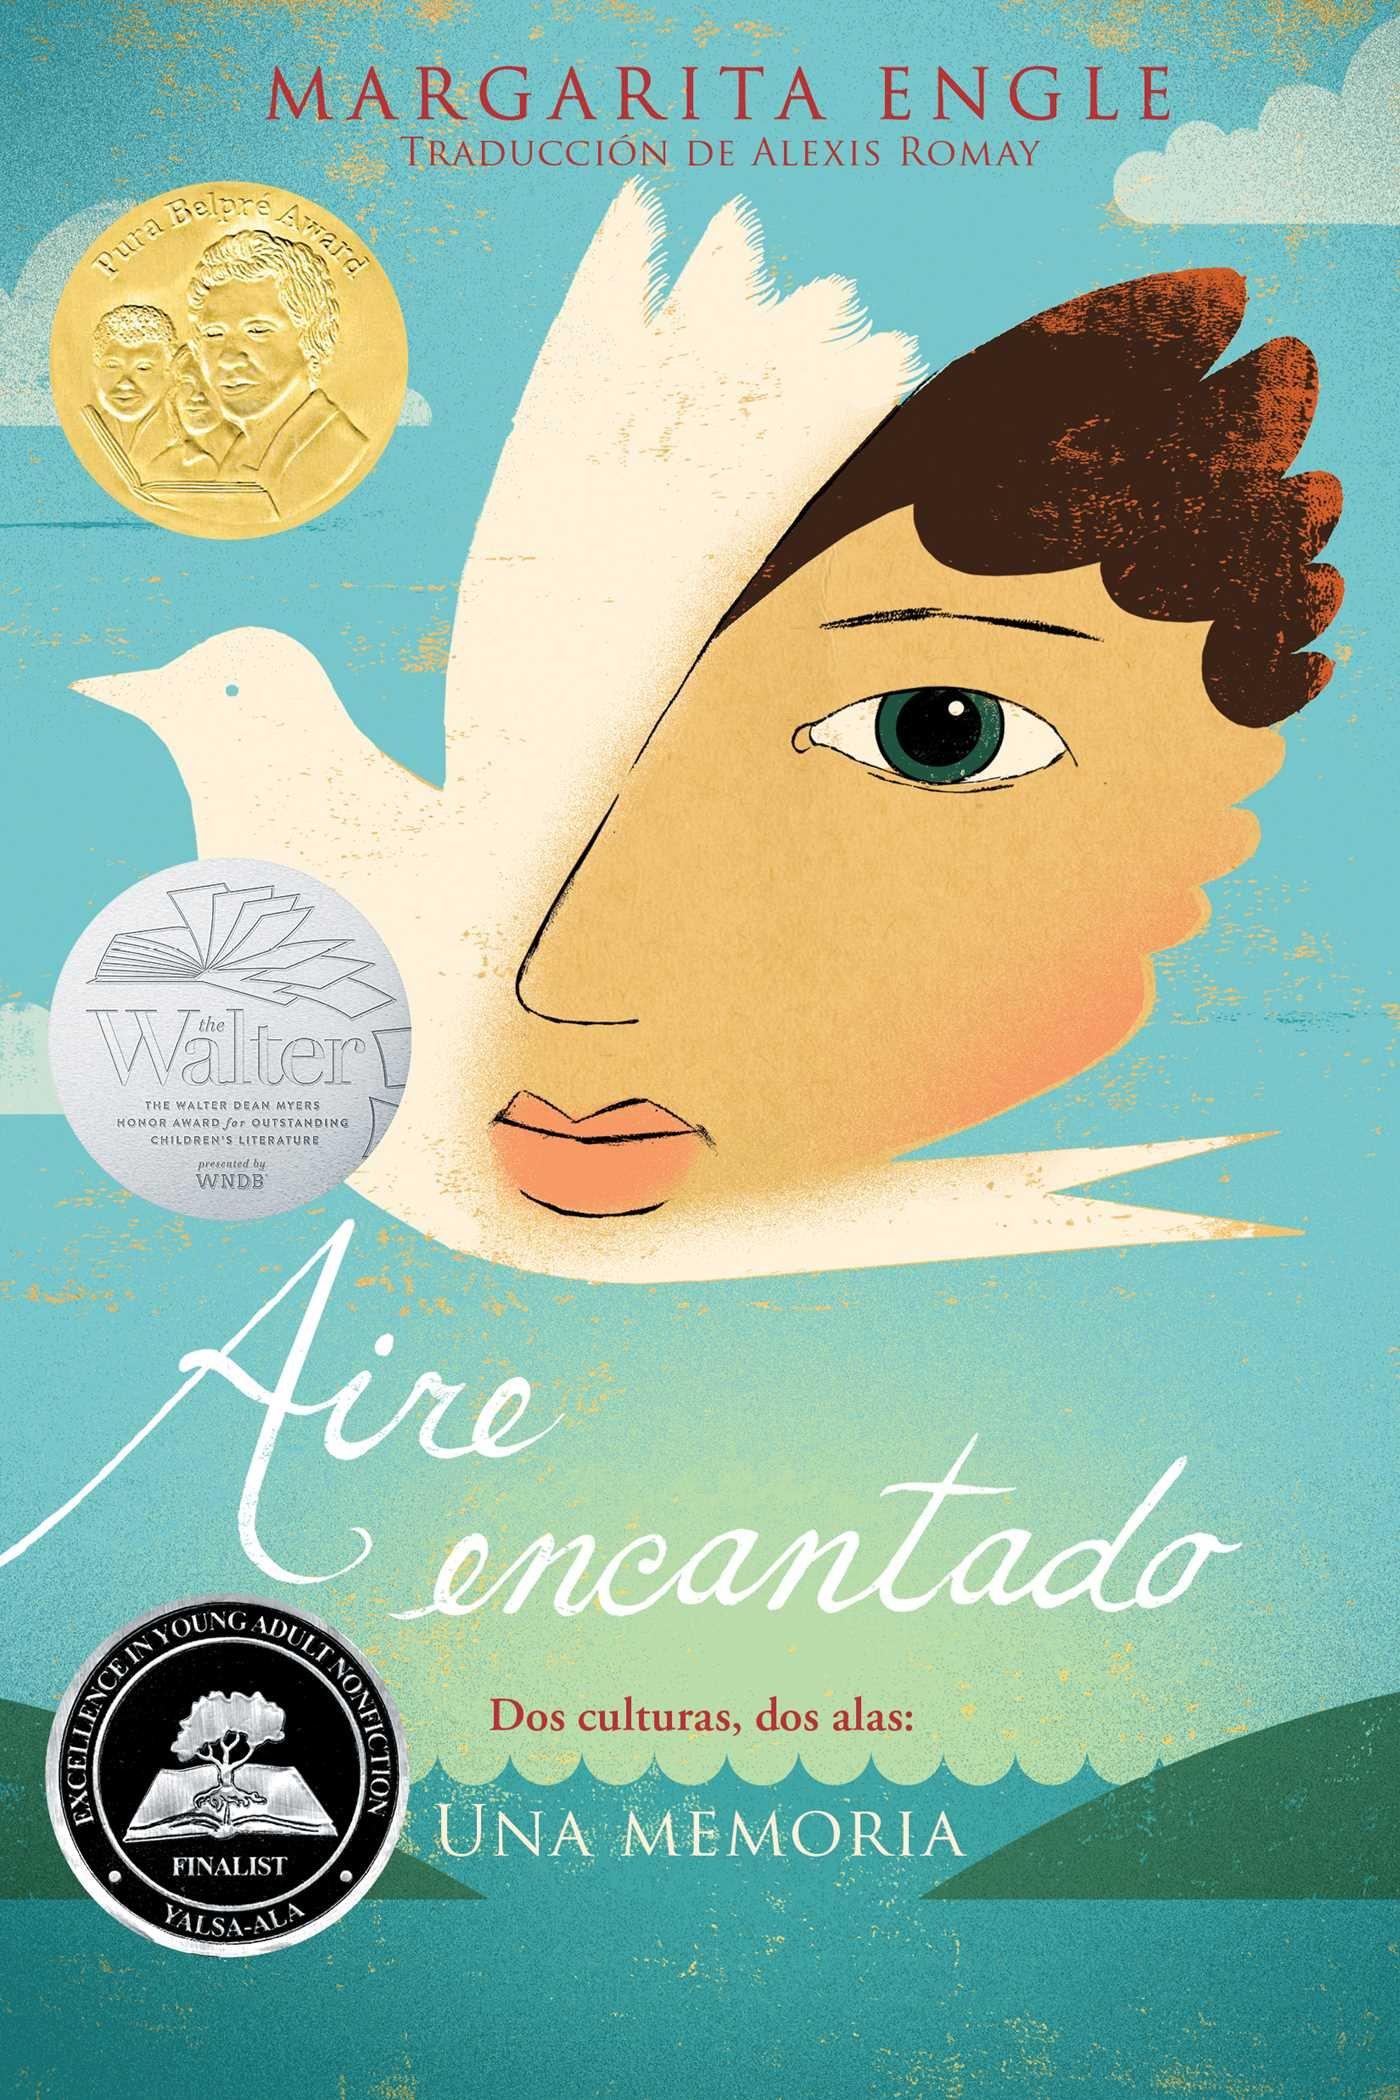 Download Aire encantado (Enchanted Air): Dos culturas, dos alas: una memoria (Spanish Edition) pdf epub